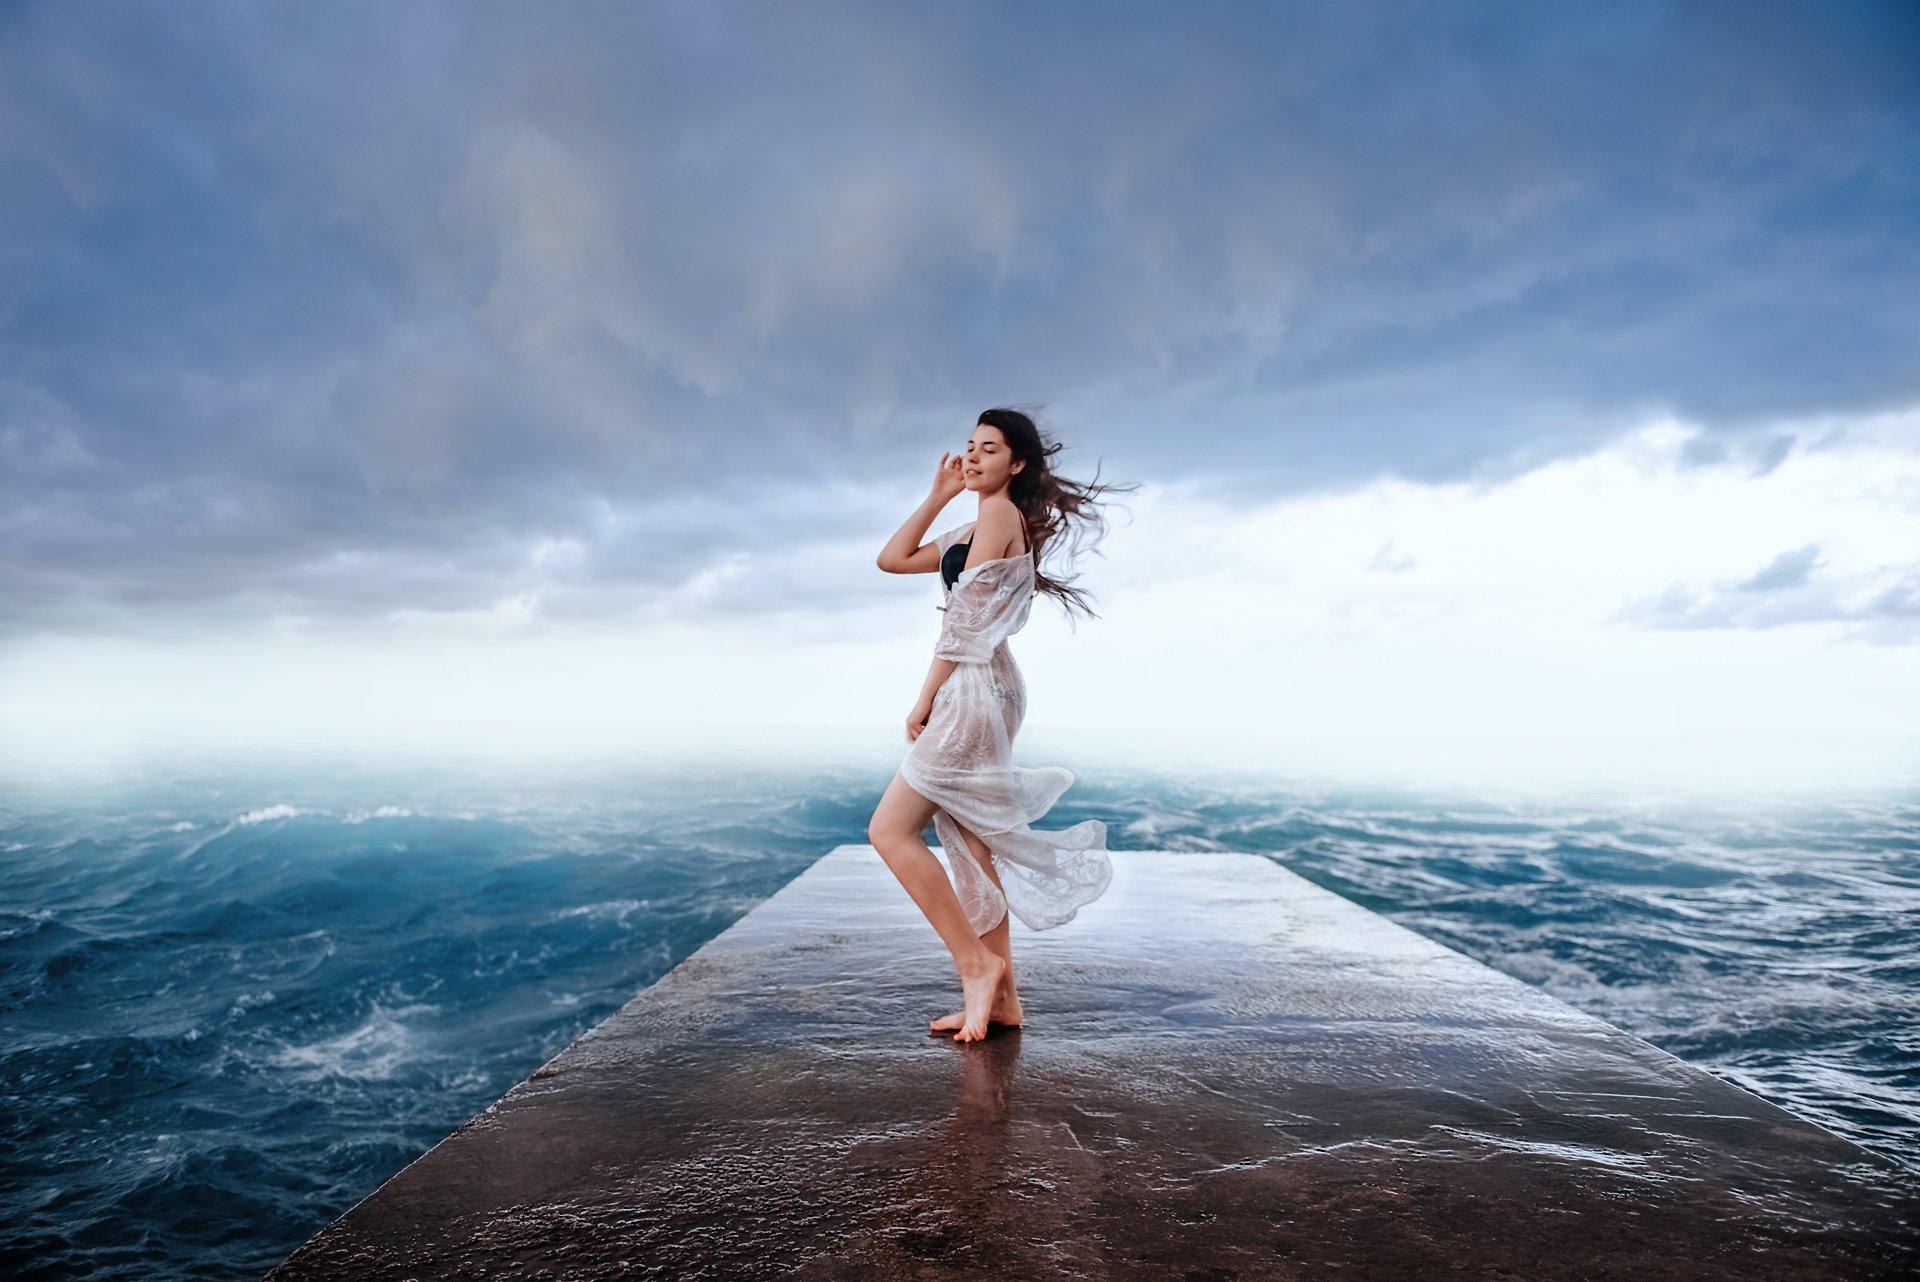 Девушка, море, вода, ветер, облака, волны, летящие волосы, Маркова Вика